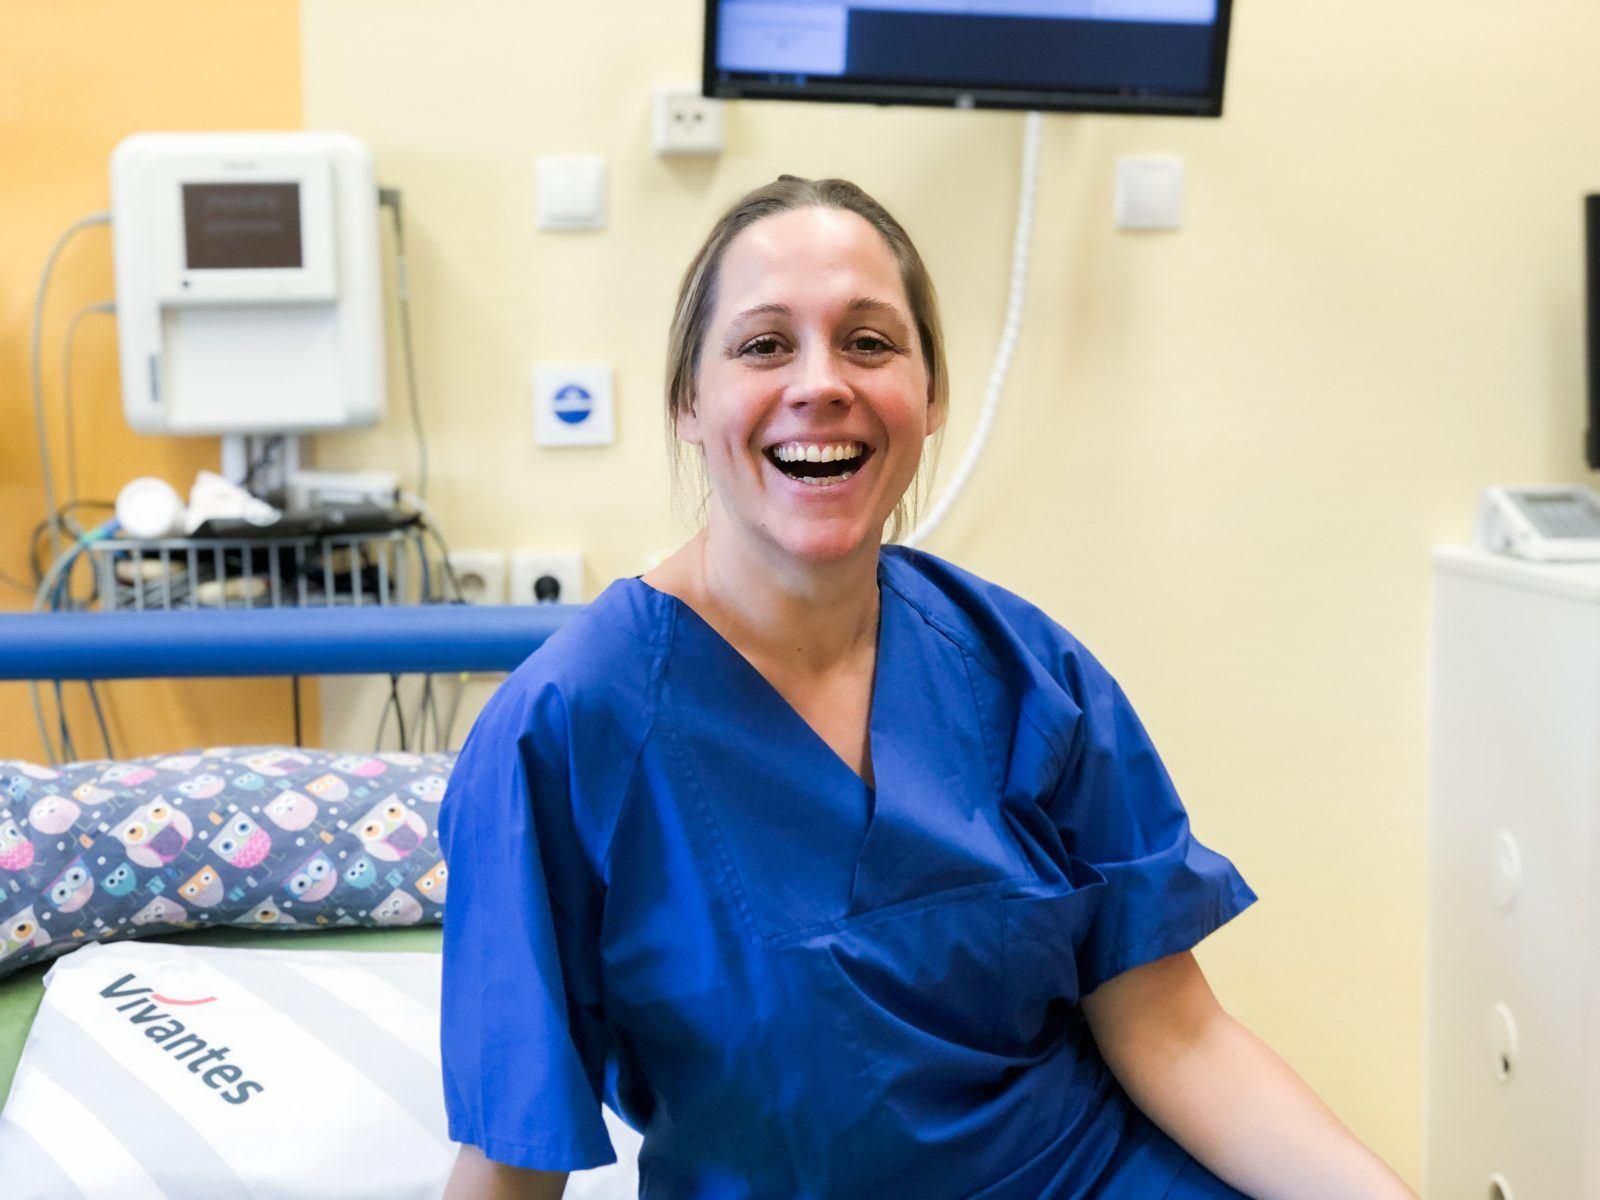 Glücklich in einem aussterbenden Beruf: Beleghebamme Christiane Hammerl